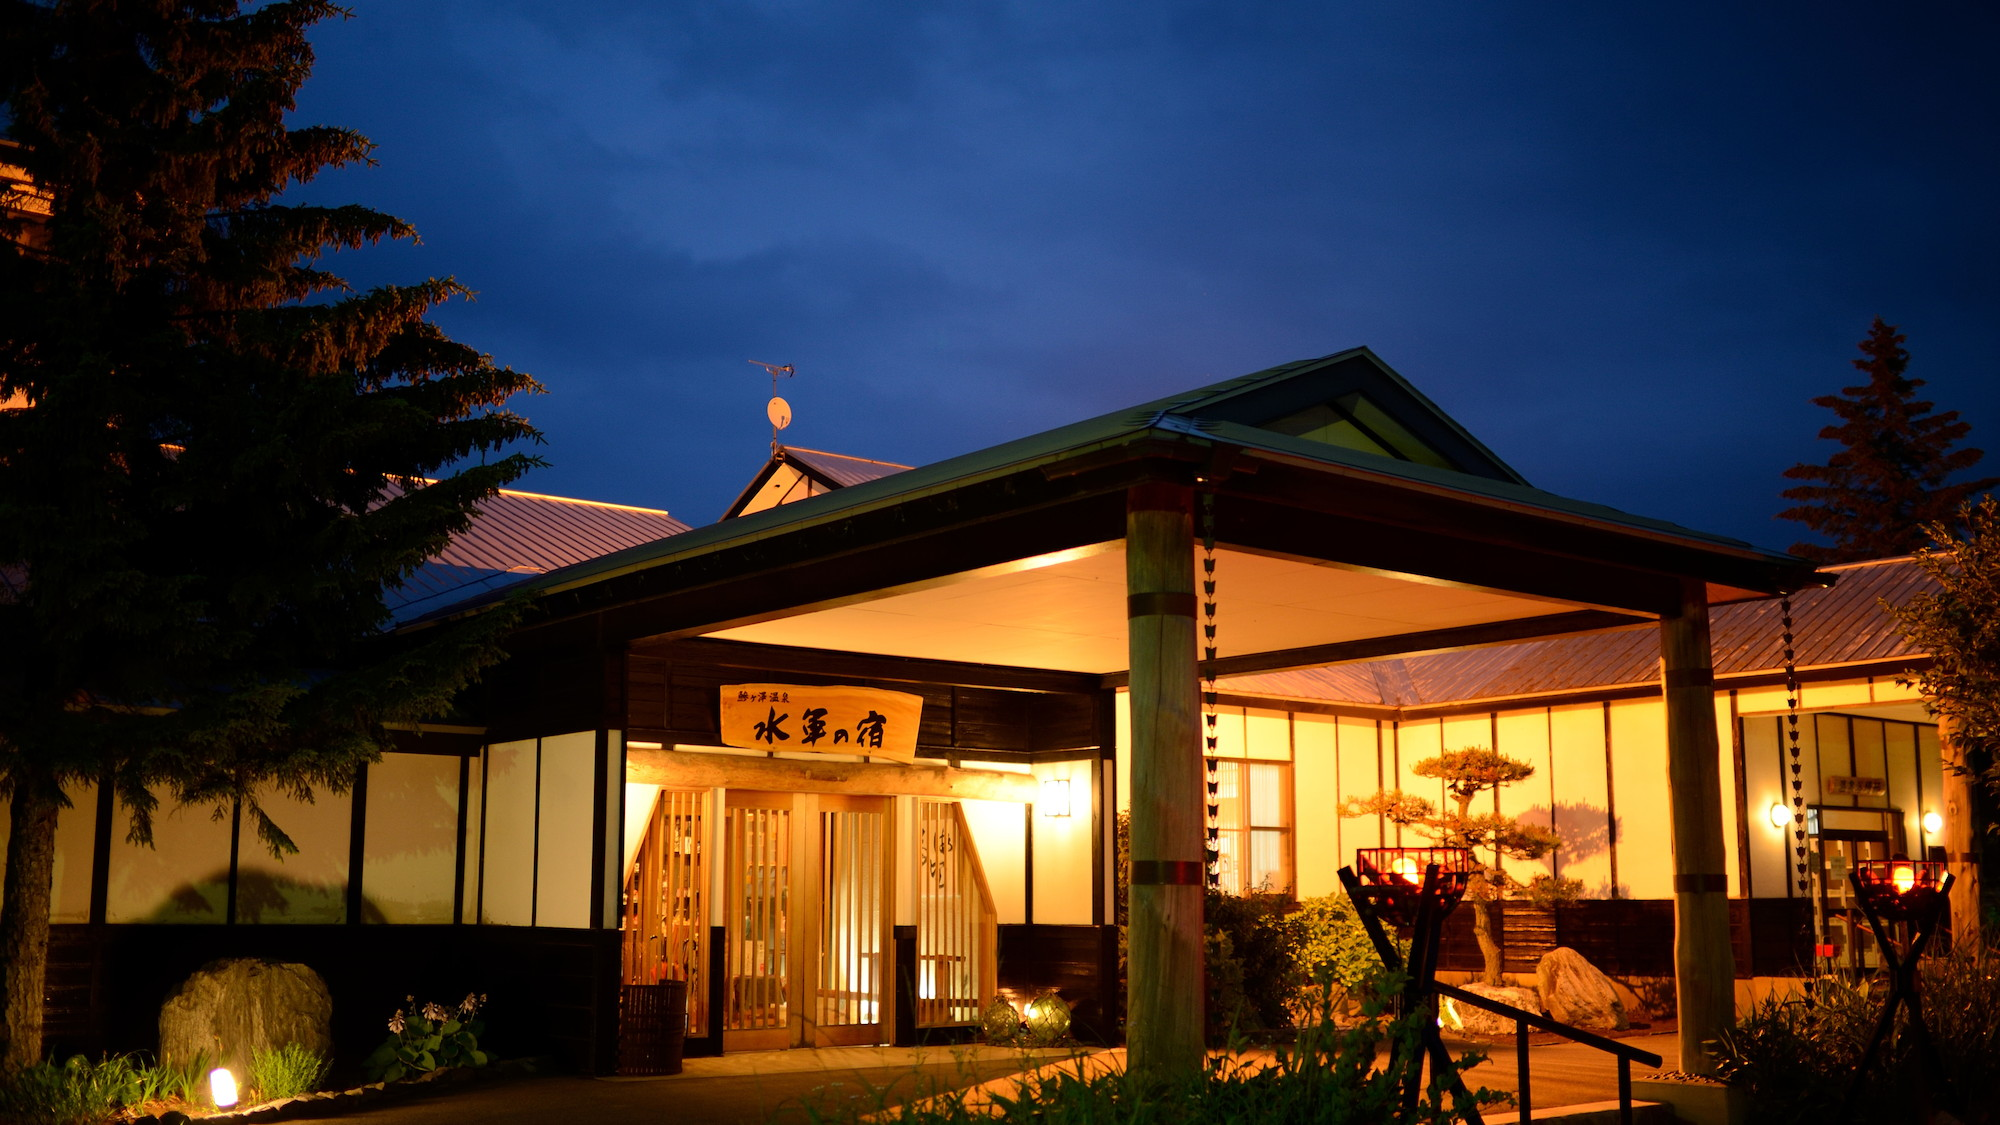 冬が来る前に夫婦で津軽の温泉へ!落ち着いてゆっくりできる温泉宿